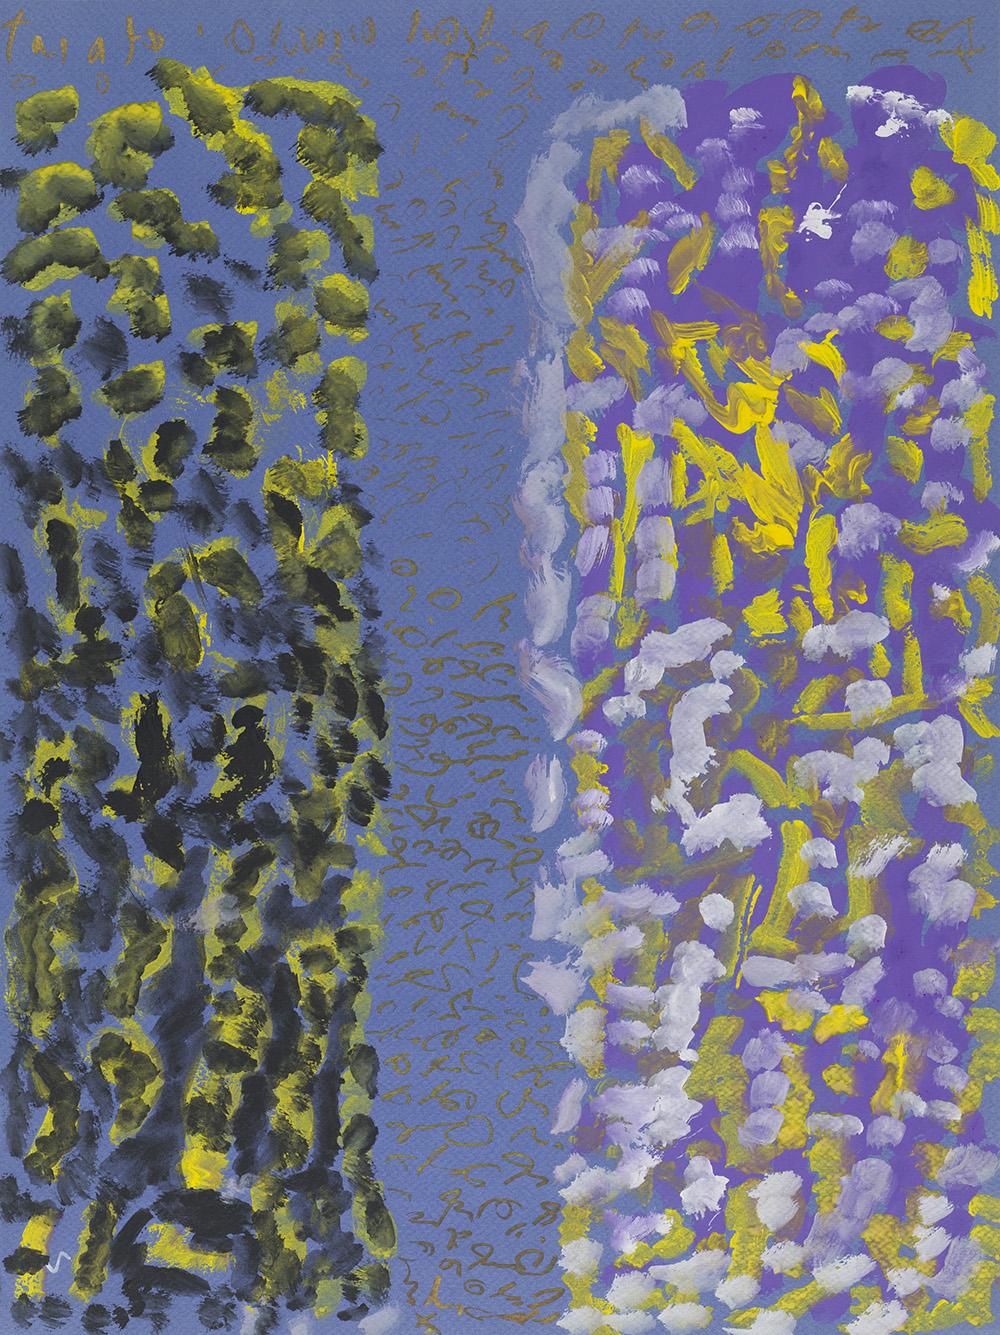 J.B. Murray    Untitled  , c. 1978-1988 Tempera, marker on paper 24 x 18 inches 61 x 45.7 cm JBM 435